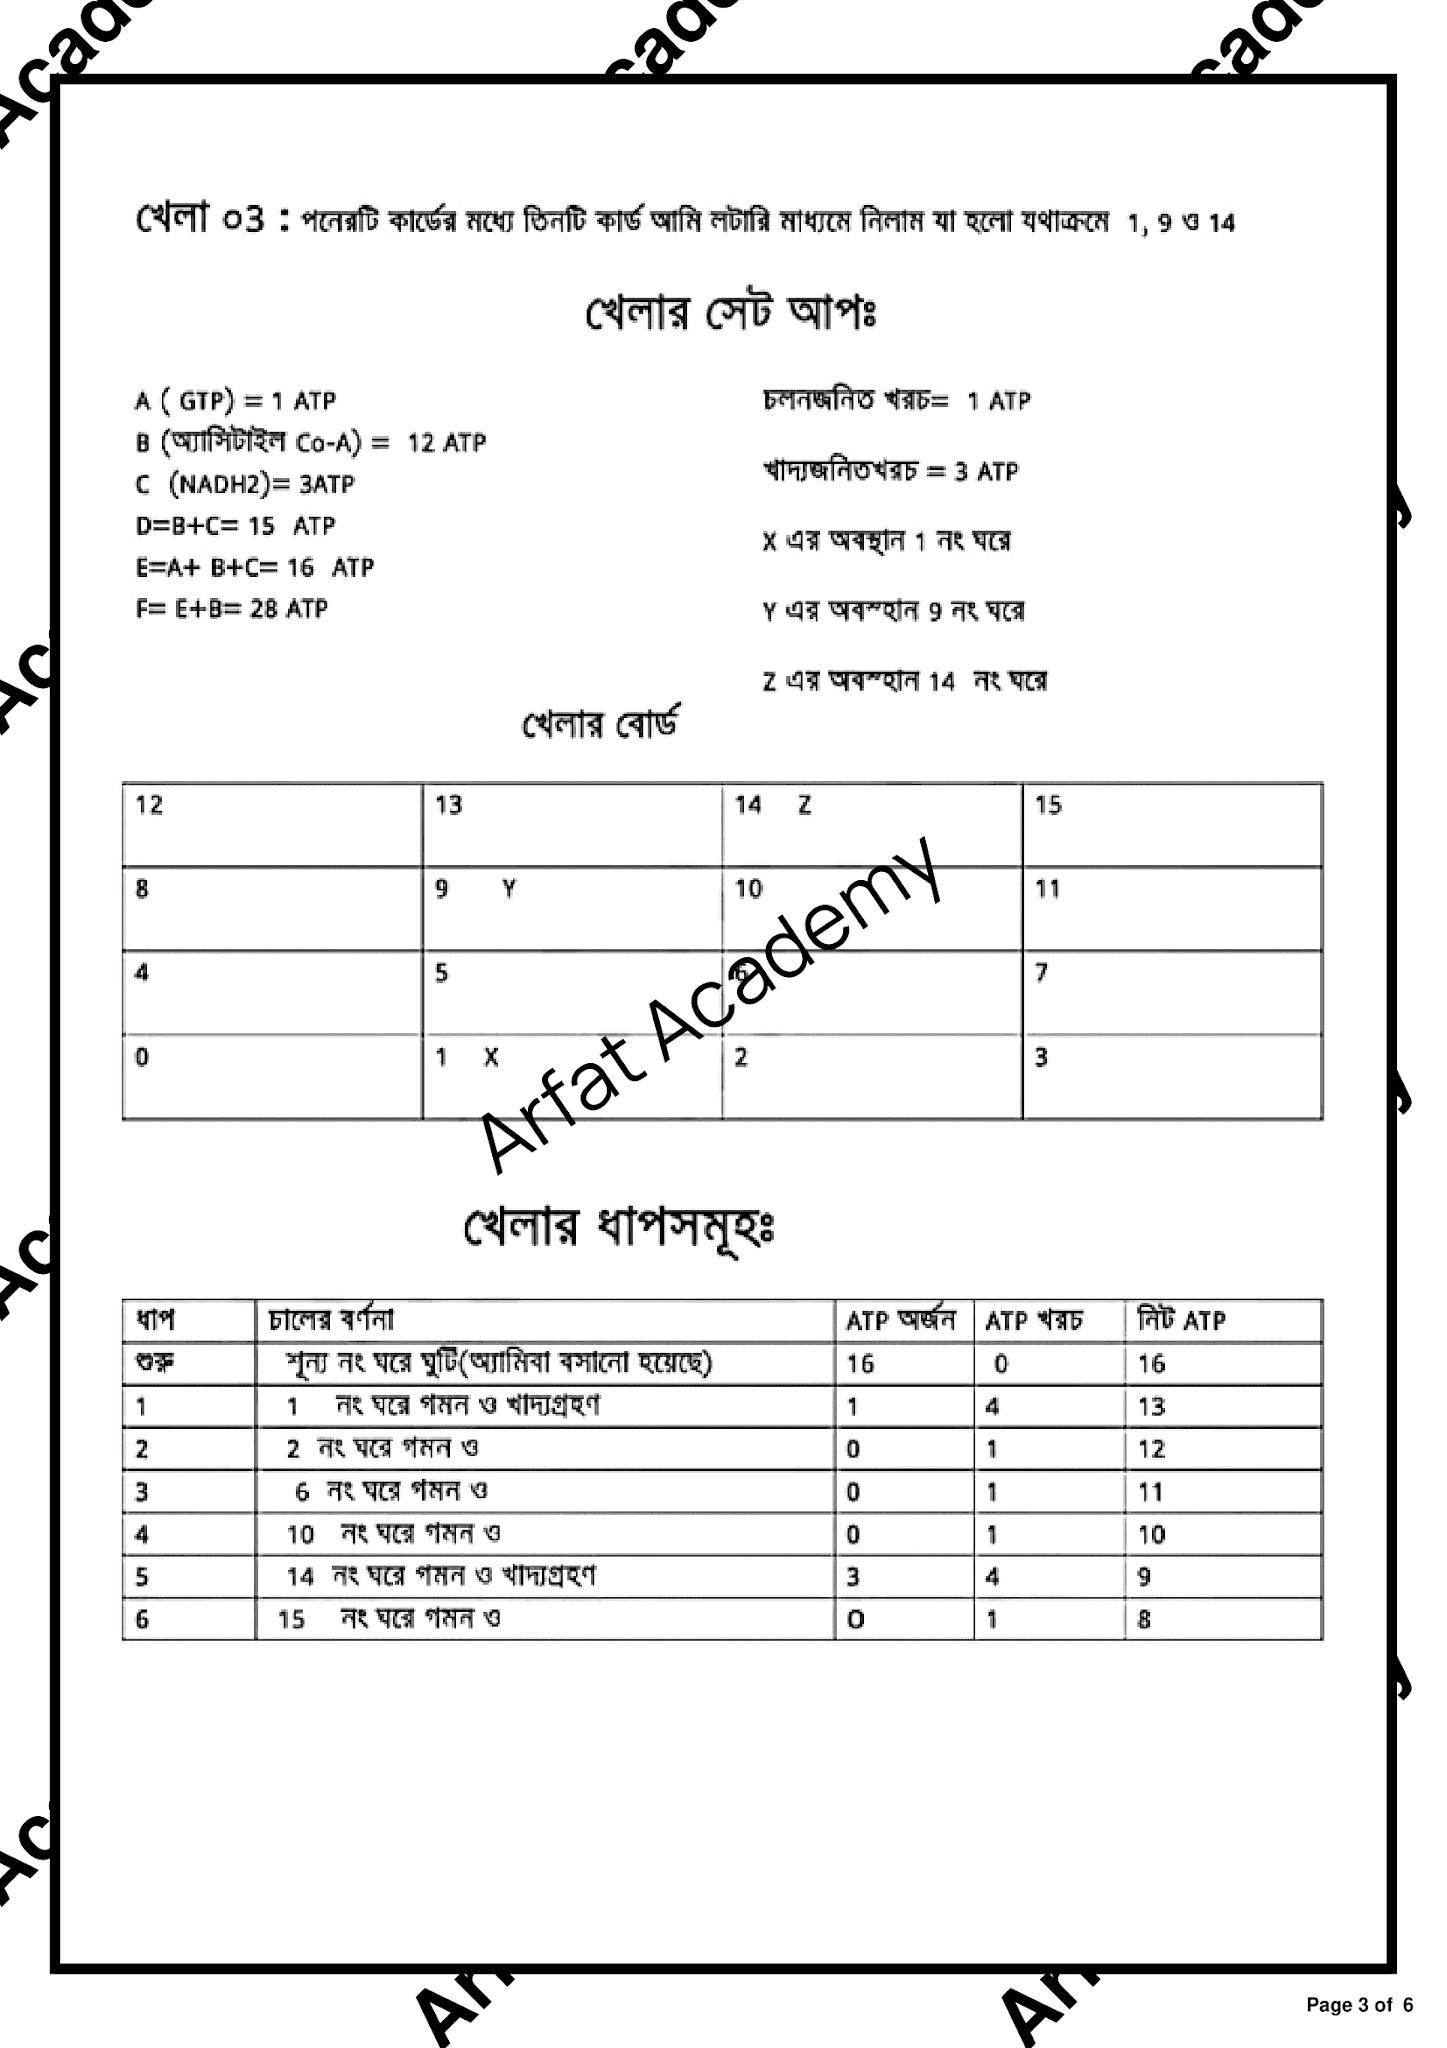 খেলার মাধ্যমে শ্বসনের ধাপসমূহ চিহ্নিতকরণ এবং শক্তির উৎপাদন ও ব্যবহার বিশ্লেষণ https://www.banglanewsexpress.com/